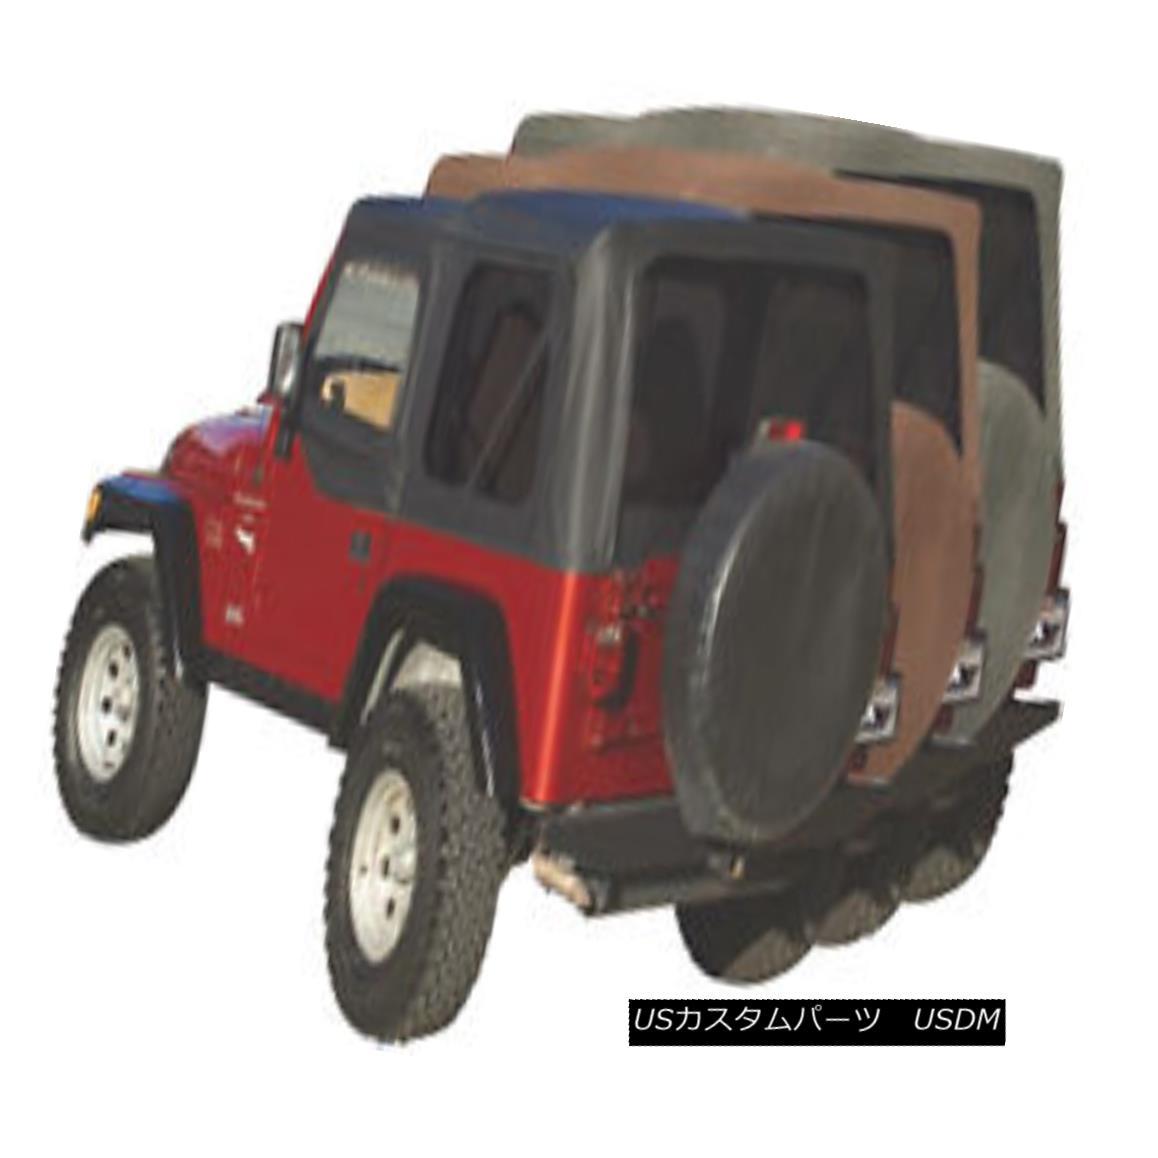 幌・ソフトトップ Rampage Factory Replacement Soft Top 97-06 Jeep Wrangler TJ 99515 Denim Black Rampage Factory Replacementソフトトップ97-06ジープラングラーTJ 99515デニムブラック